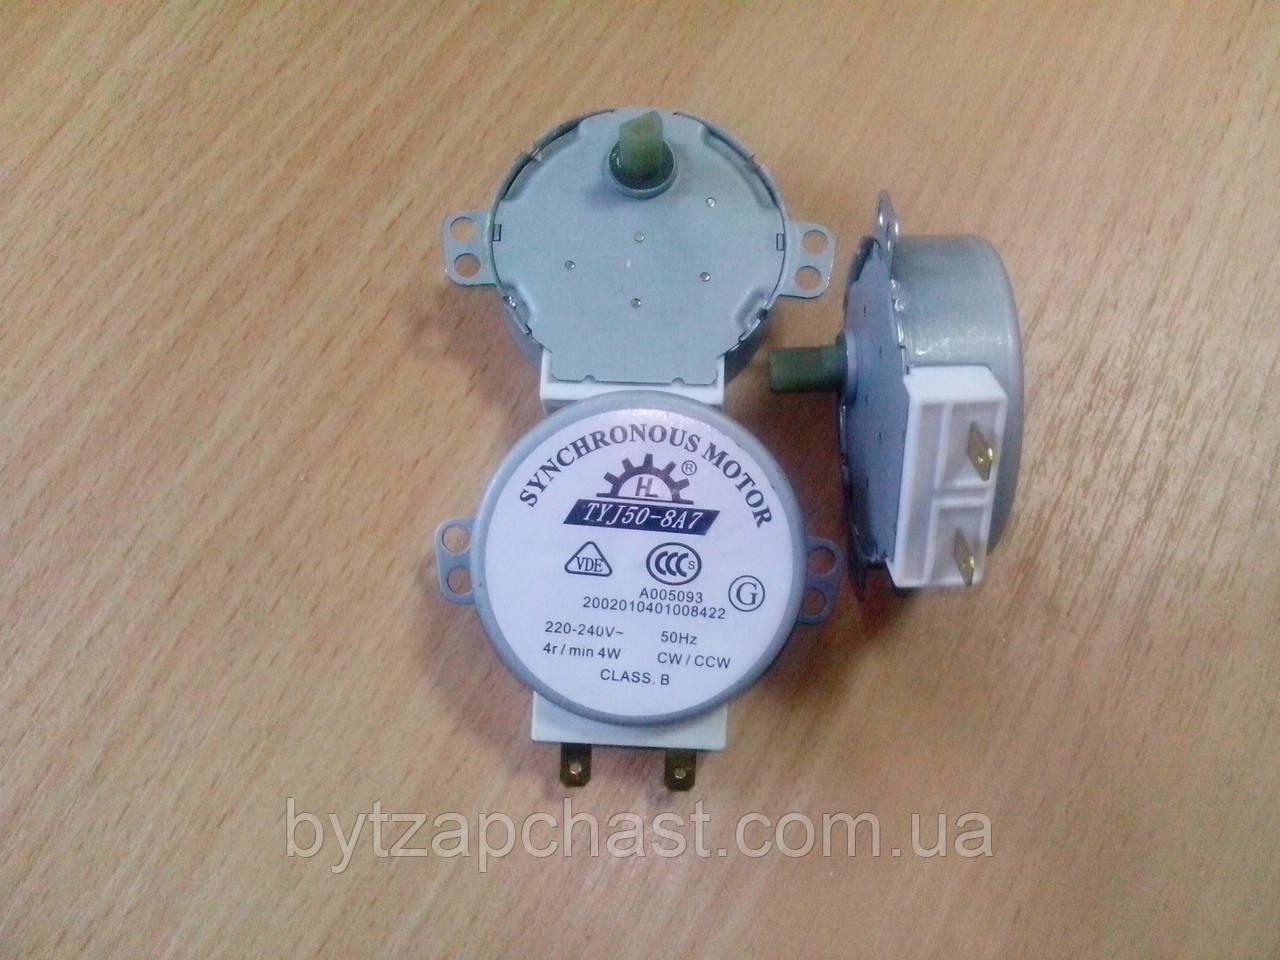 Моторчик тарелки TYJ50-8A7 для микроволновой печи - БытЗапчасть в Харькове